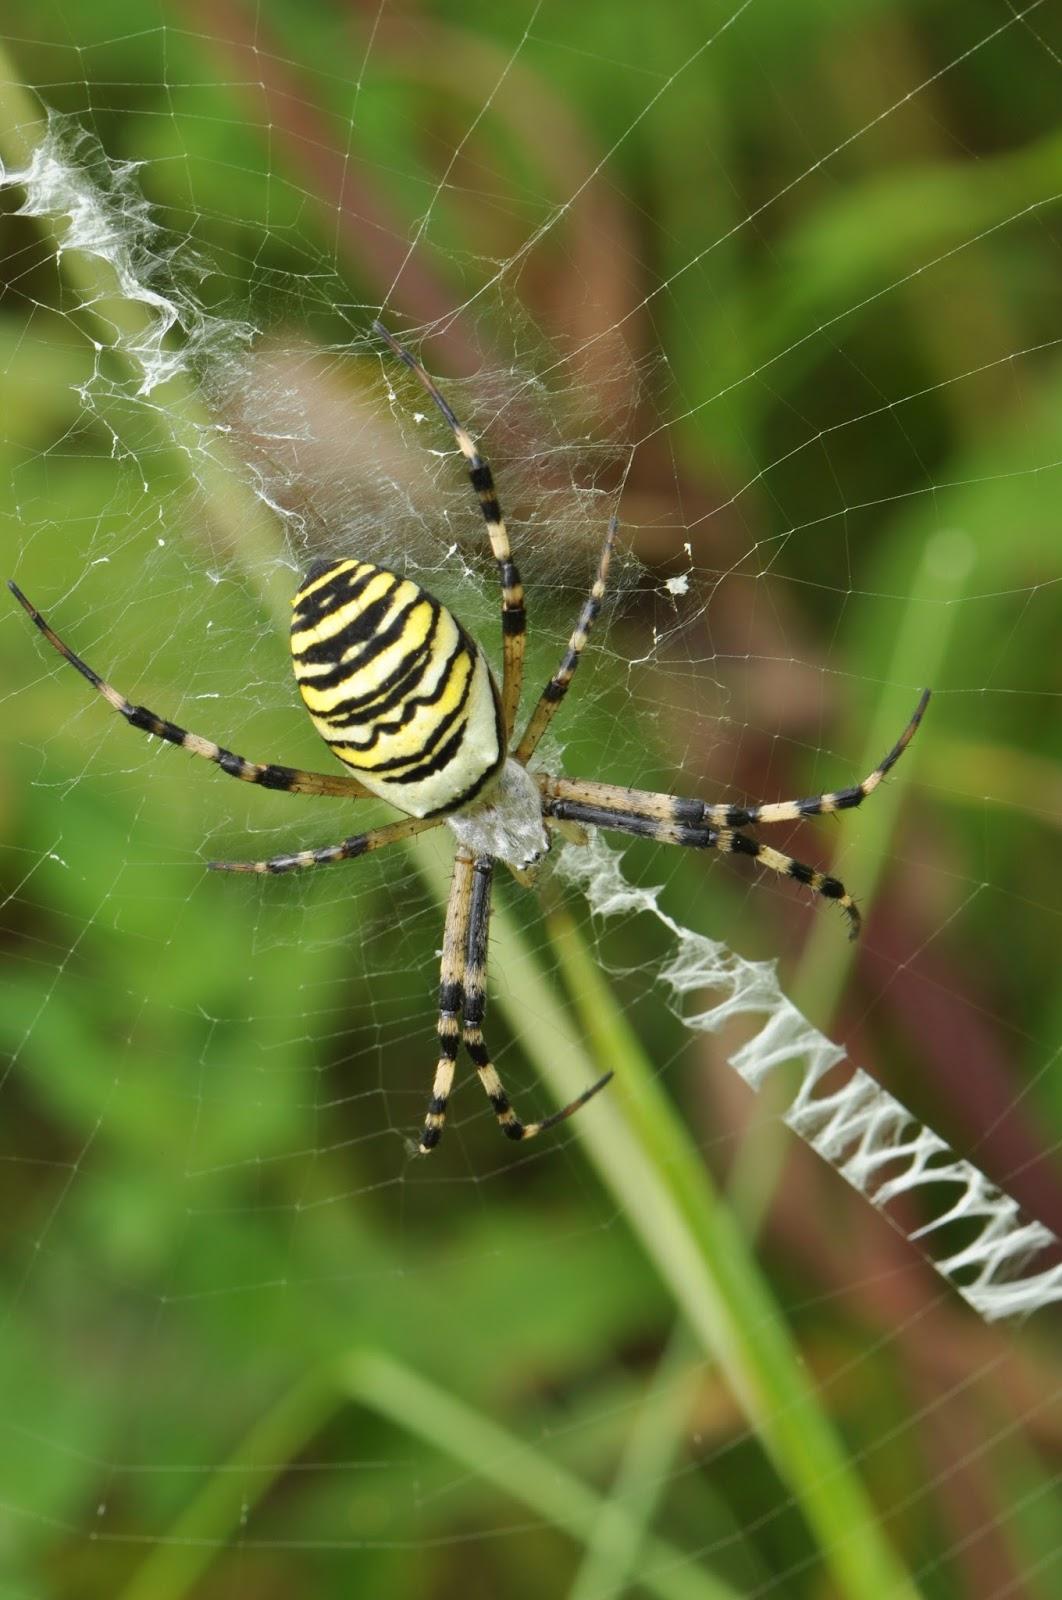 Ste marketingová líška alebo pavúk?